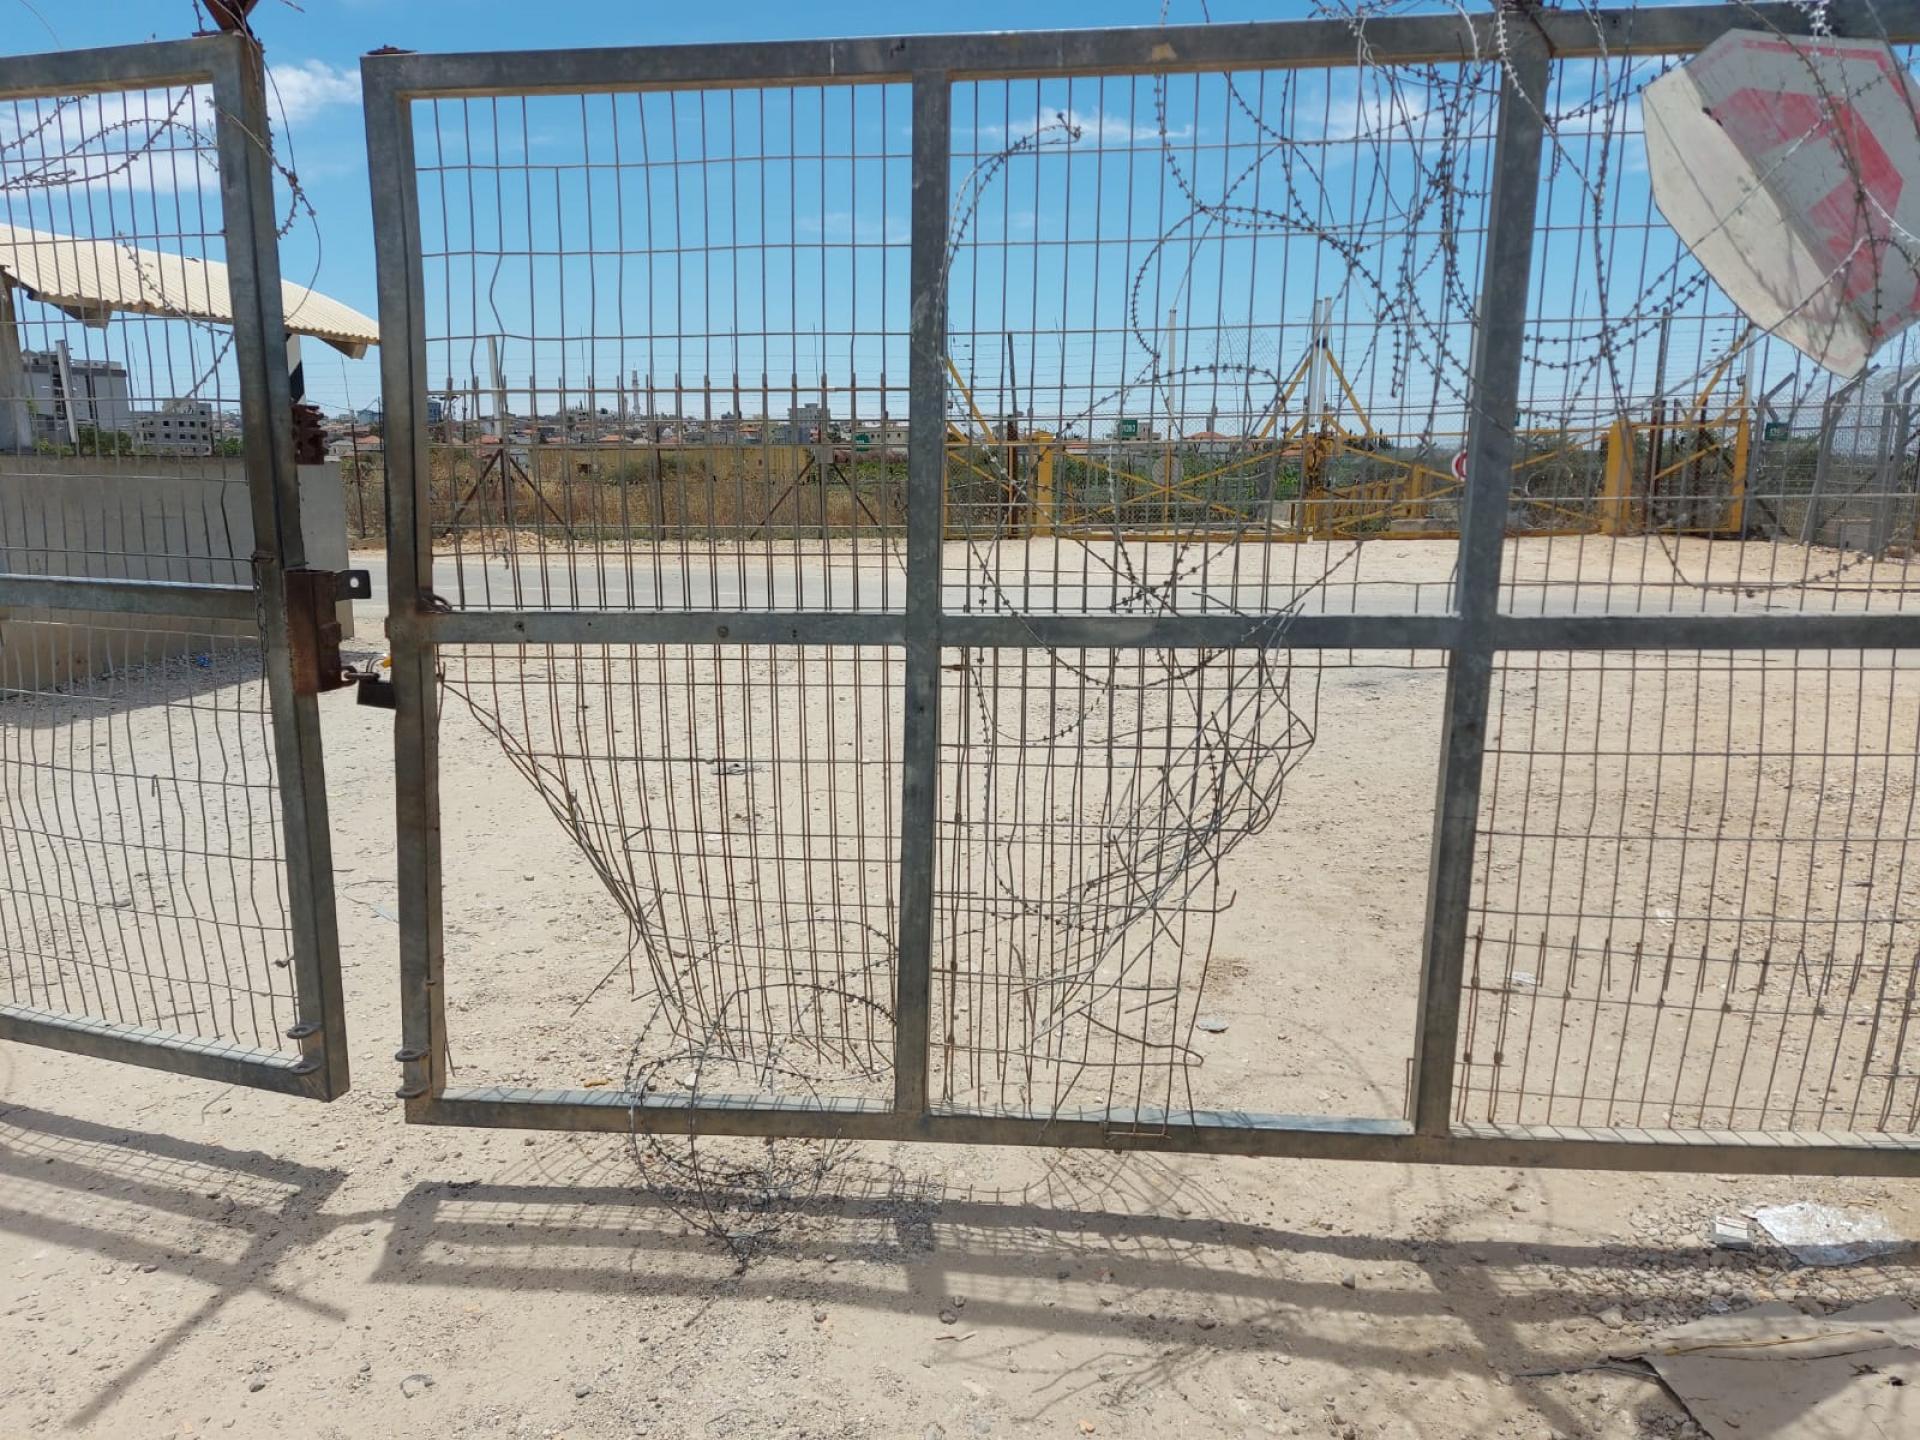 שתי פרצות גדולות בשער המחסום.